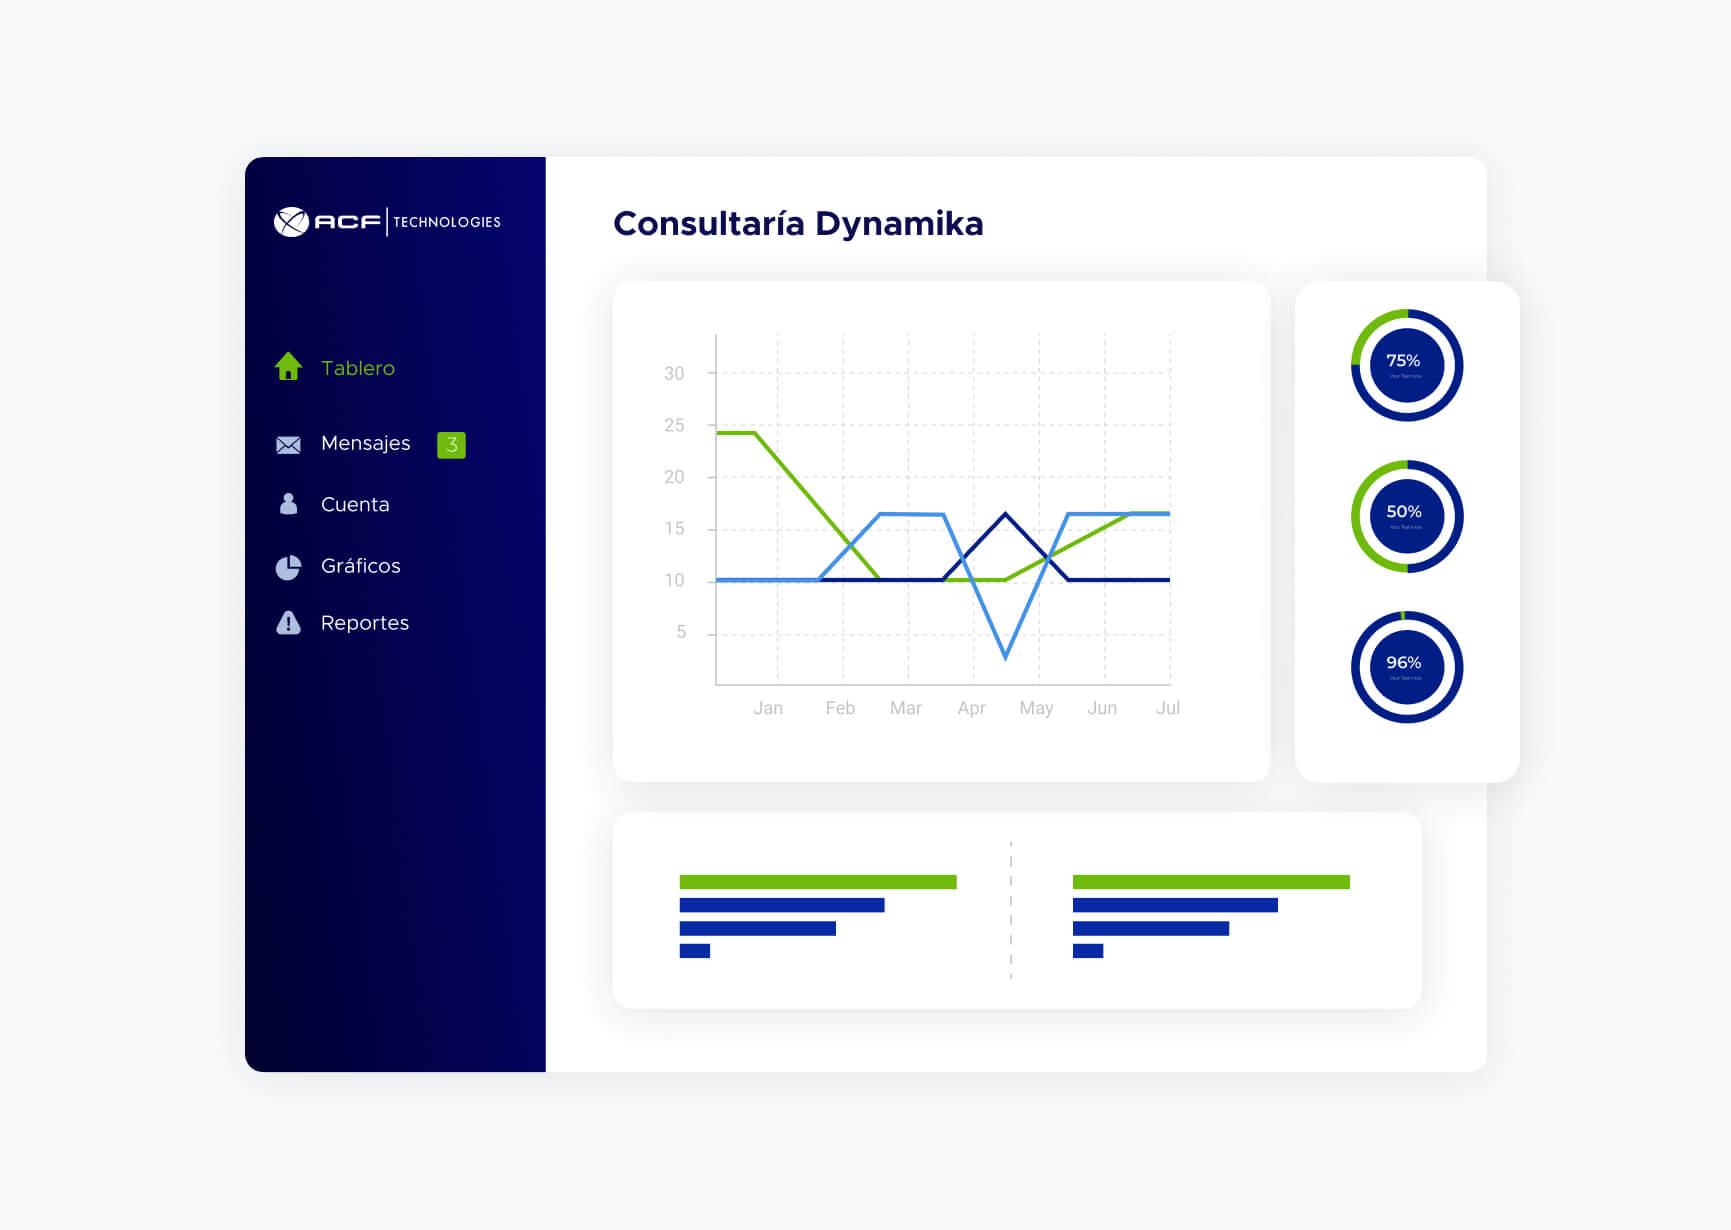 Pantalla de gráficos de solución Consultoría Dynamika de ACF technologies